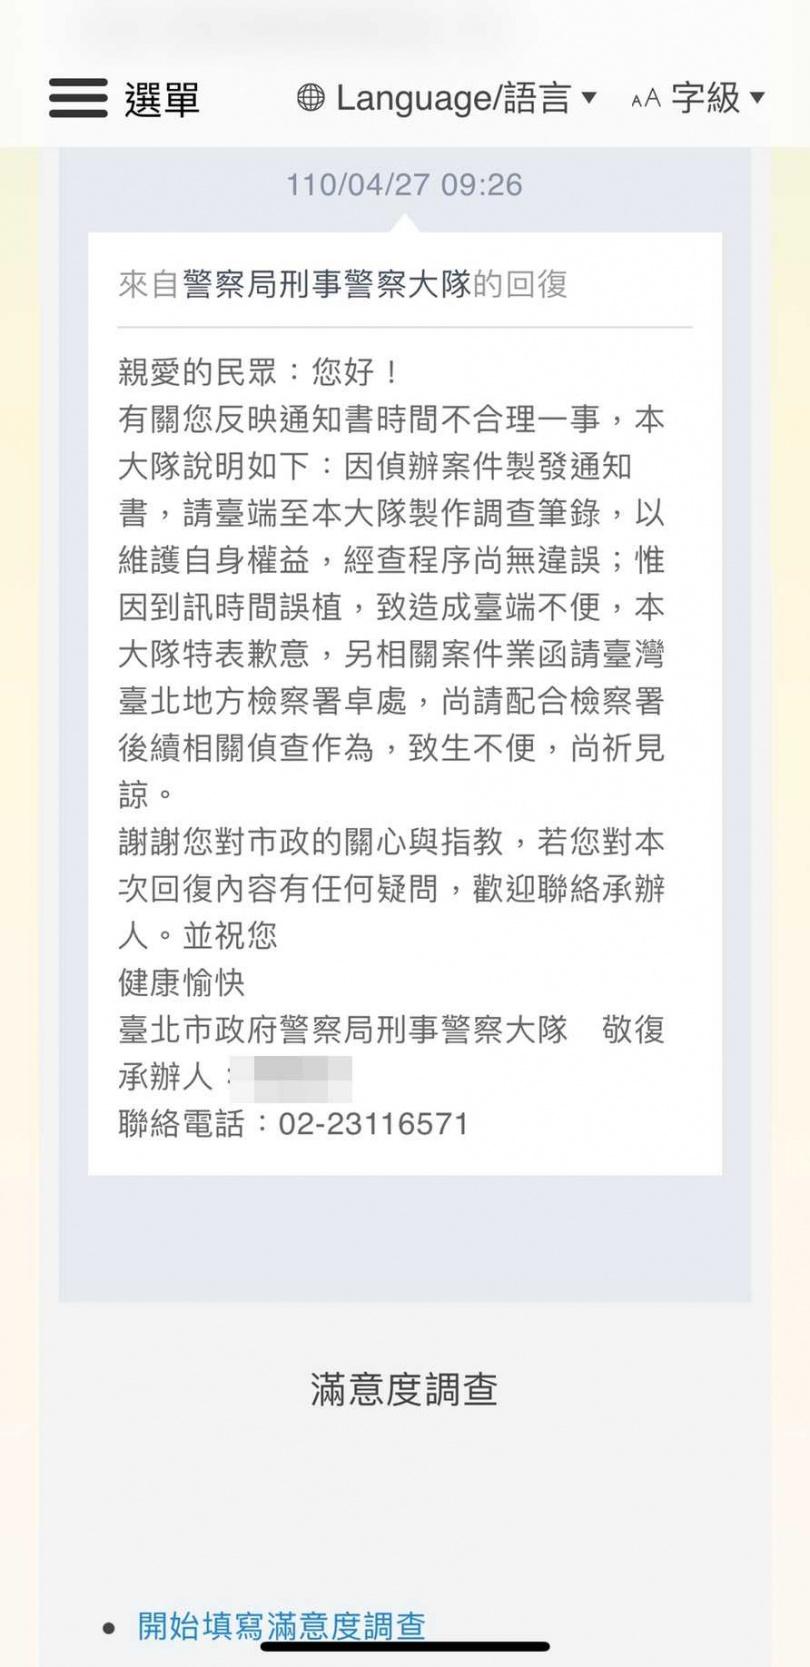 陳男向台北市政府陳情後,北市刑大立即道歉說是誤植訊問時間。(圖/讀者提供)